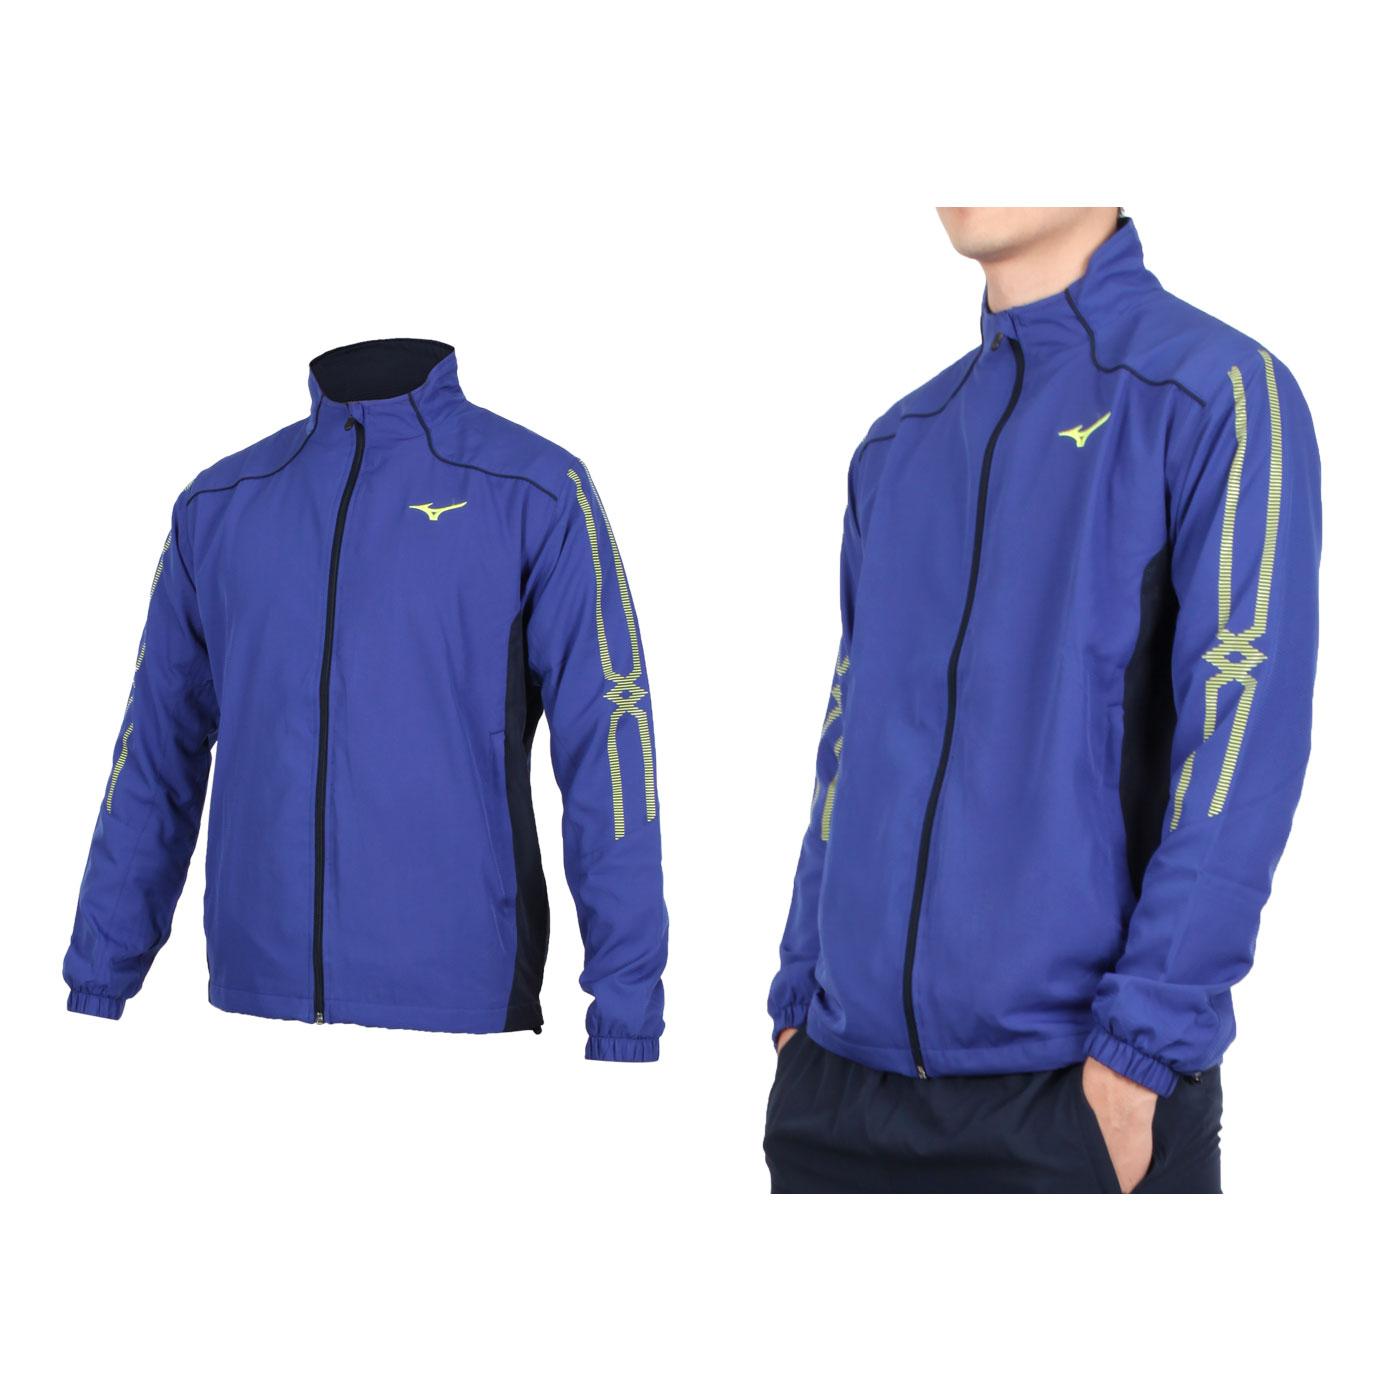 MIZUNO 男款平織運動外套 32TC008515 - 藍丈青螢黃